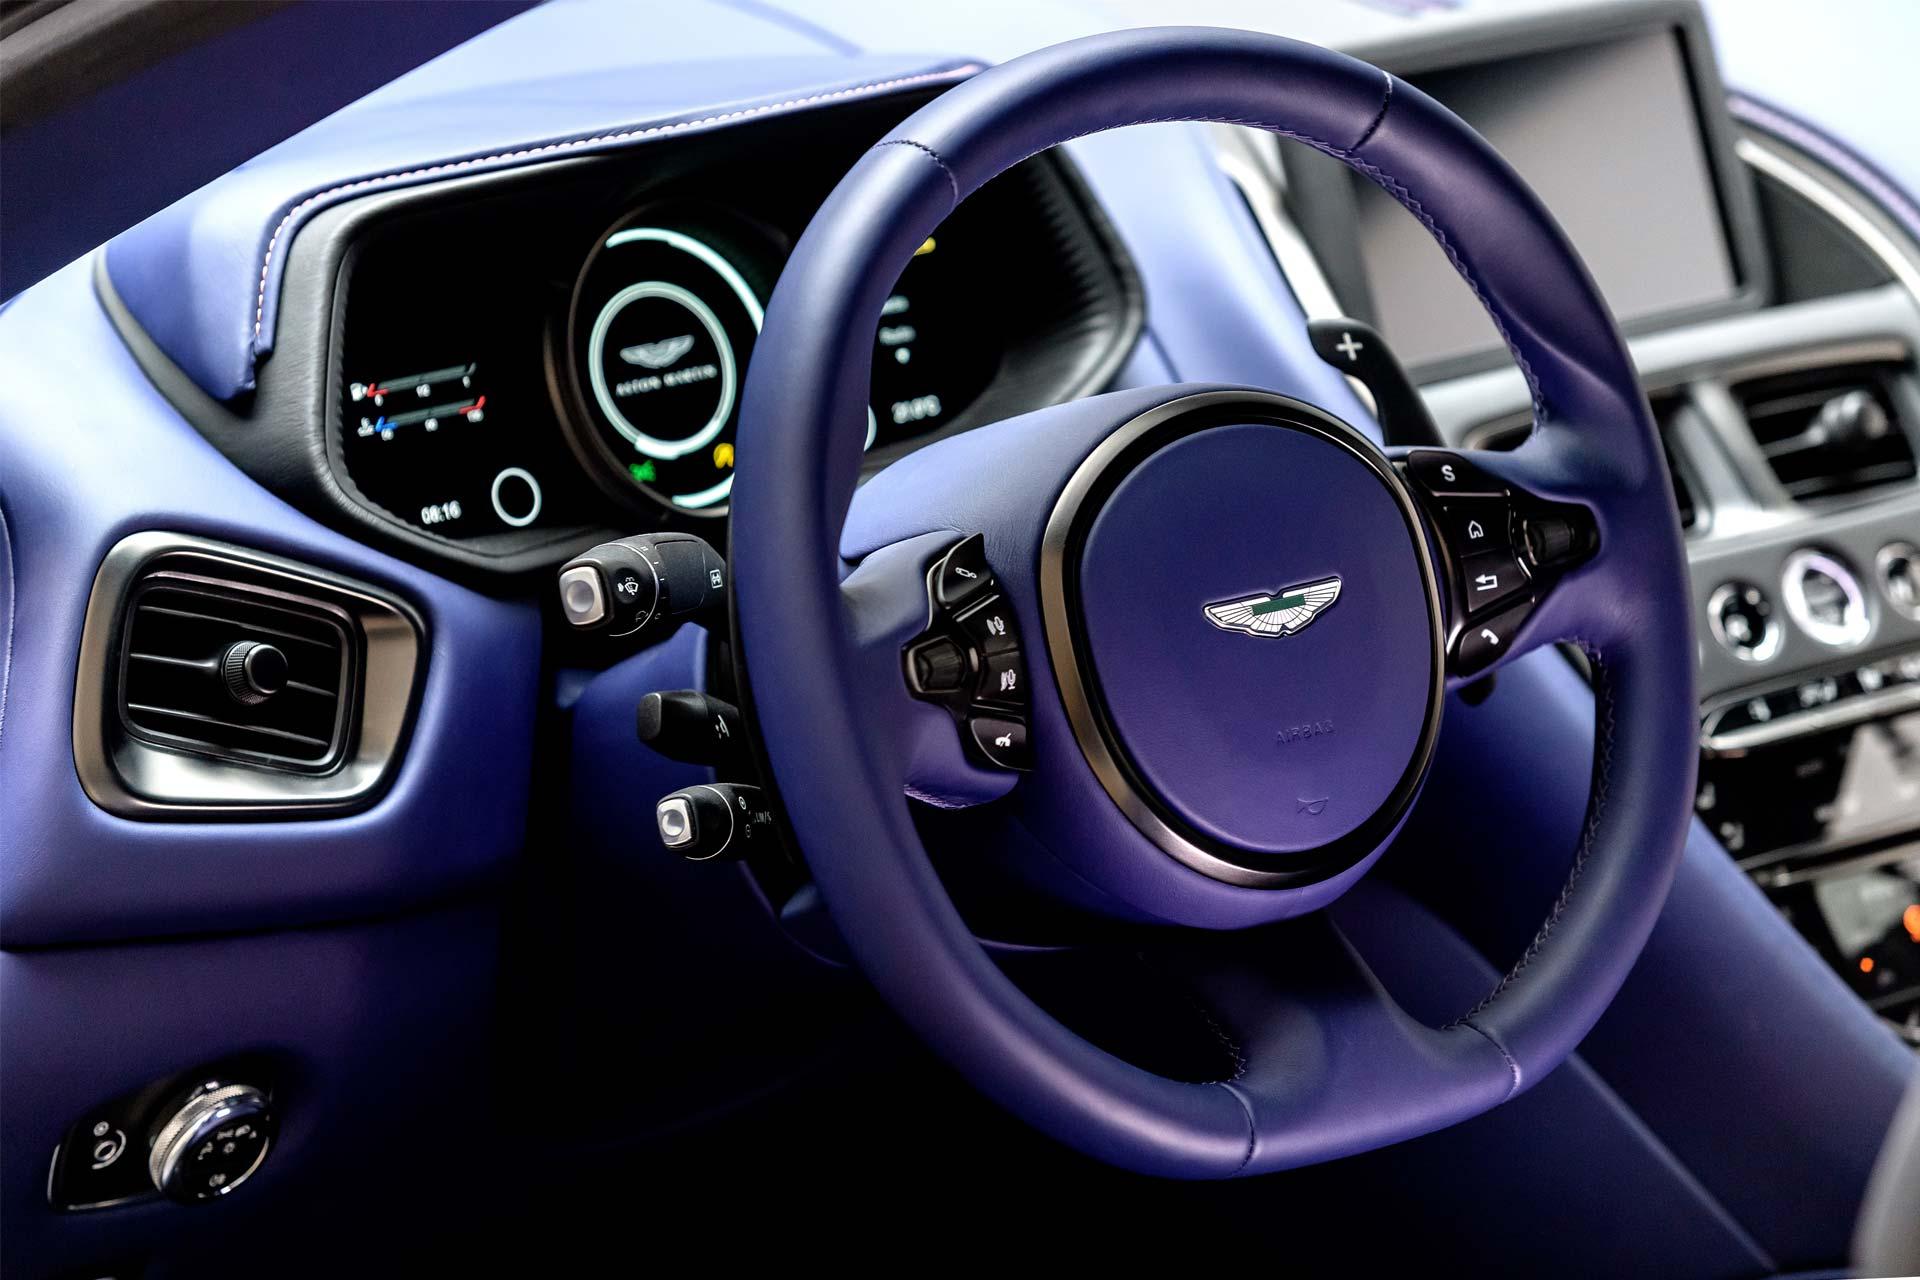 Aston-Martin-DB11-4.0-V8-interior-2